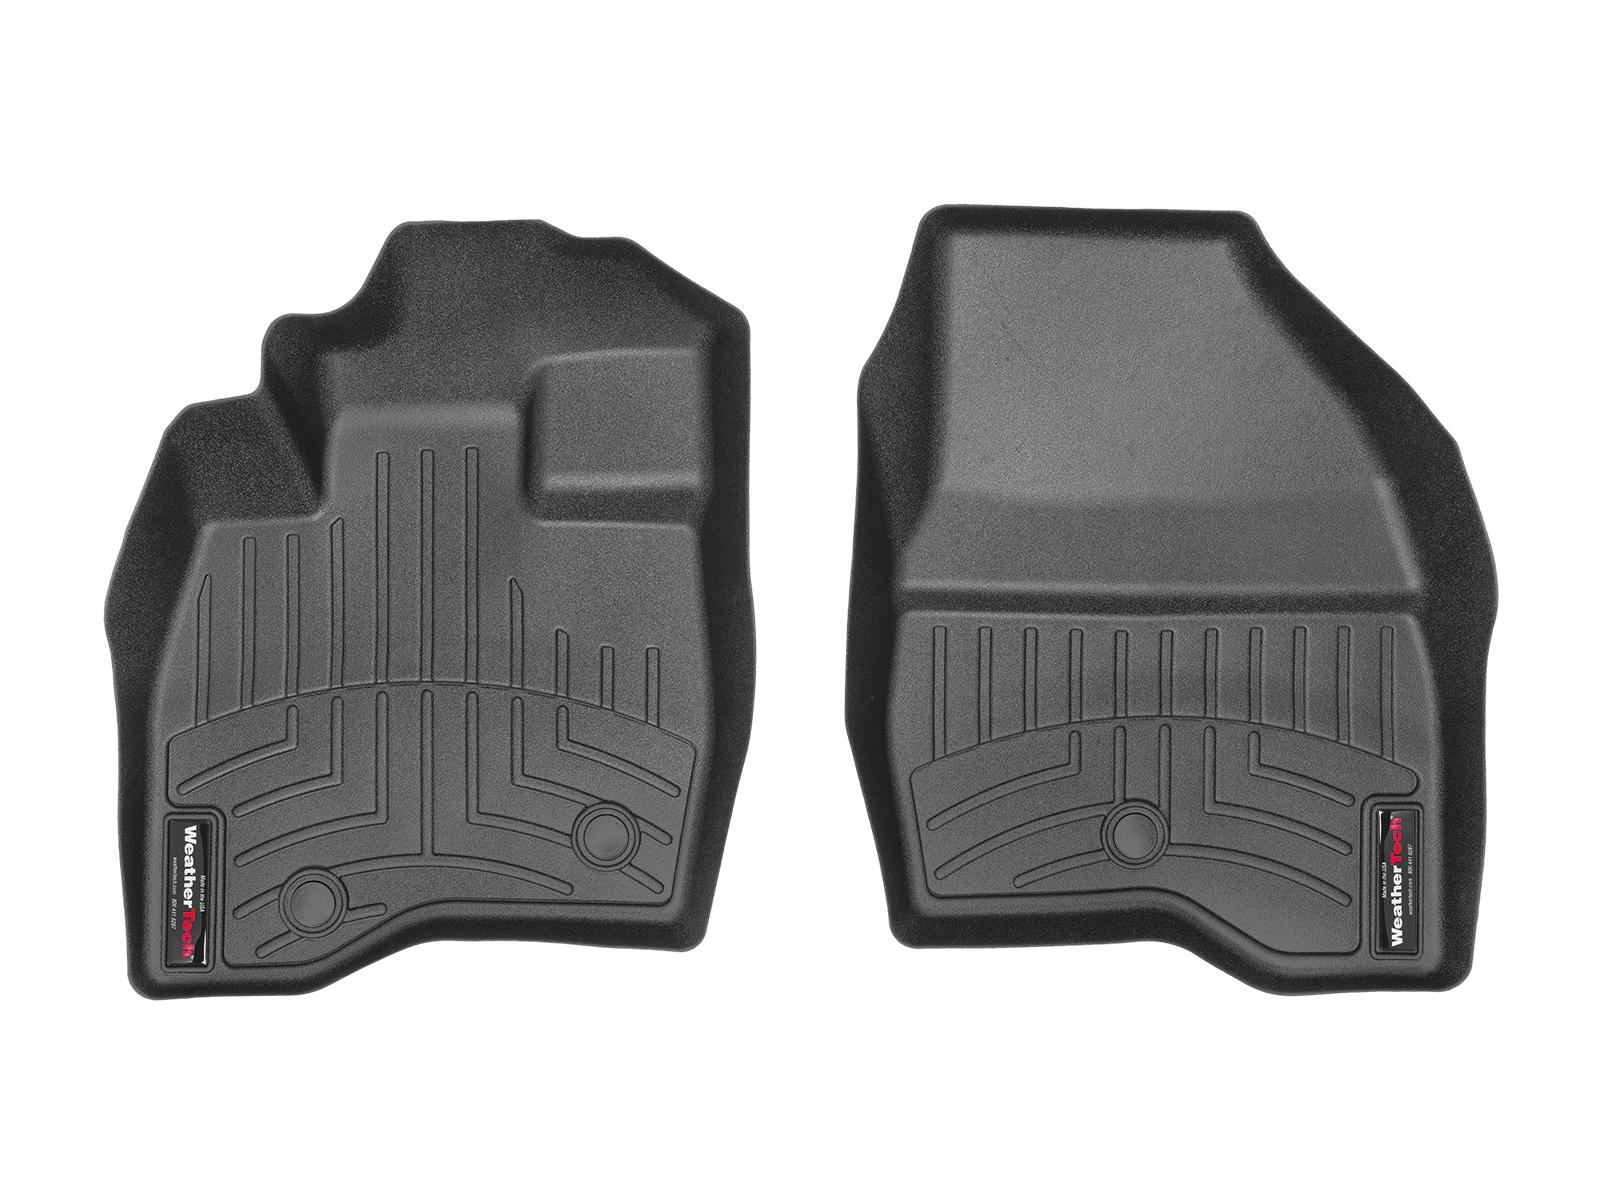 Tappeti gomma su misura bordo alto Ford Explorer 17>17 Nero A884*